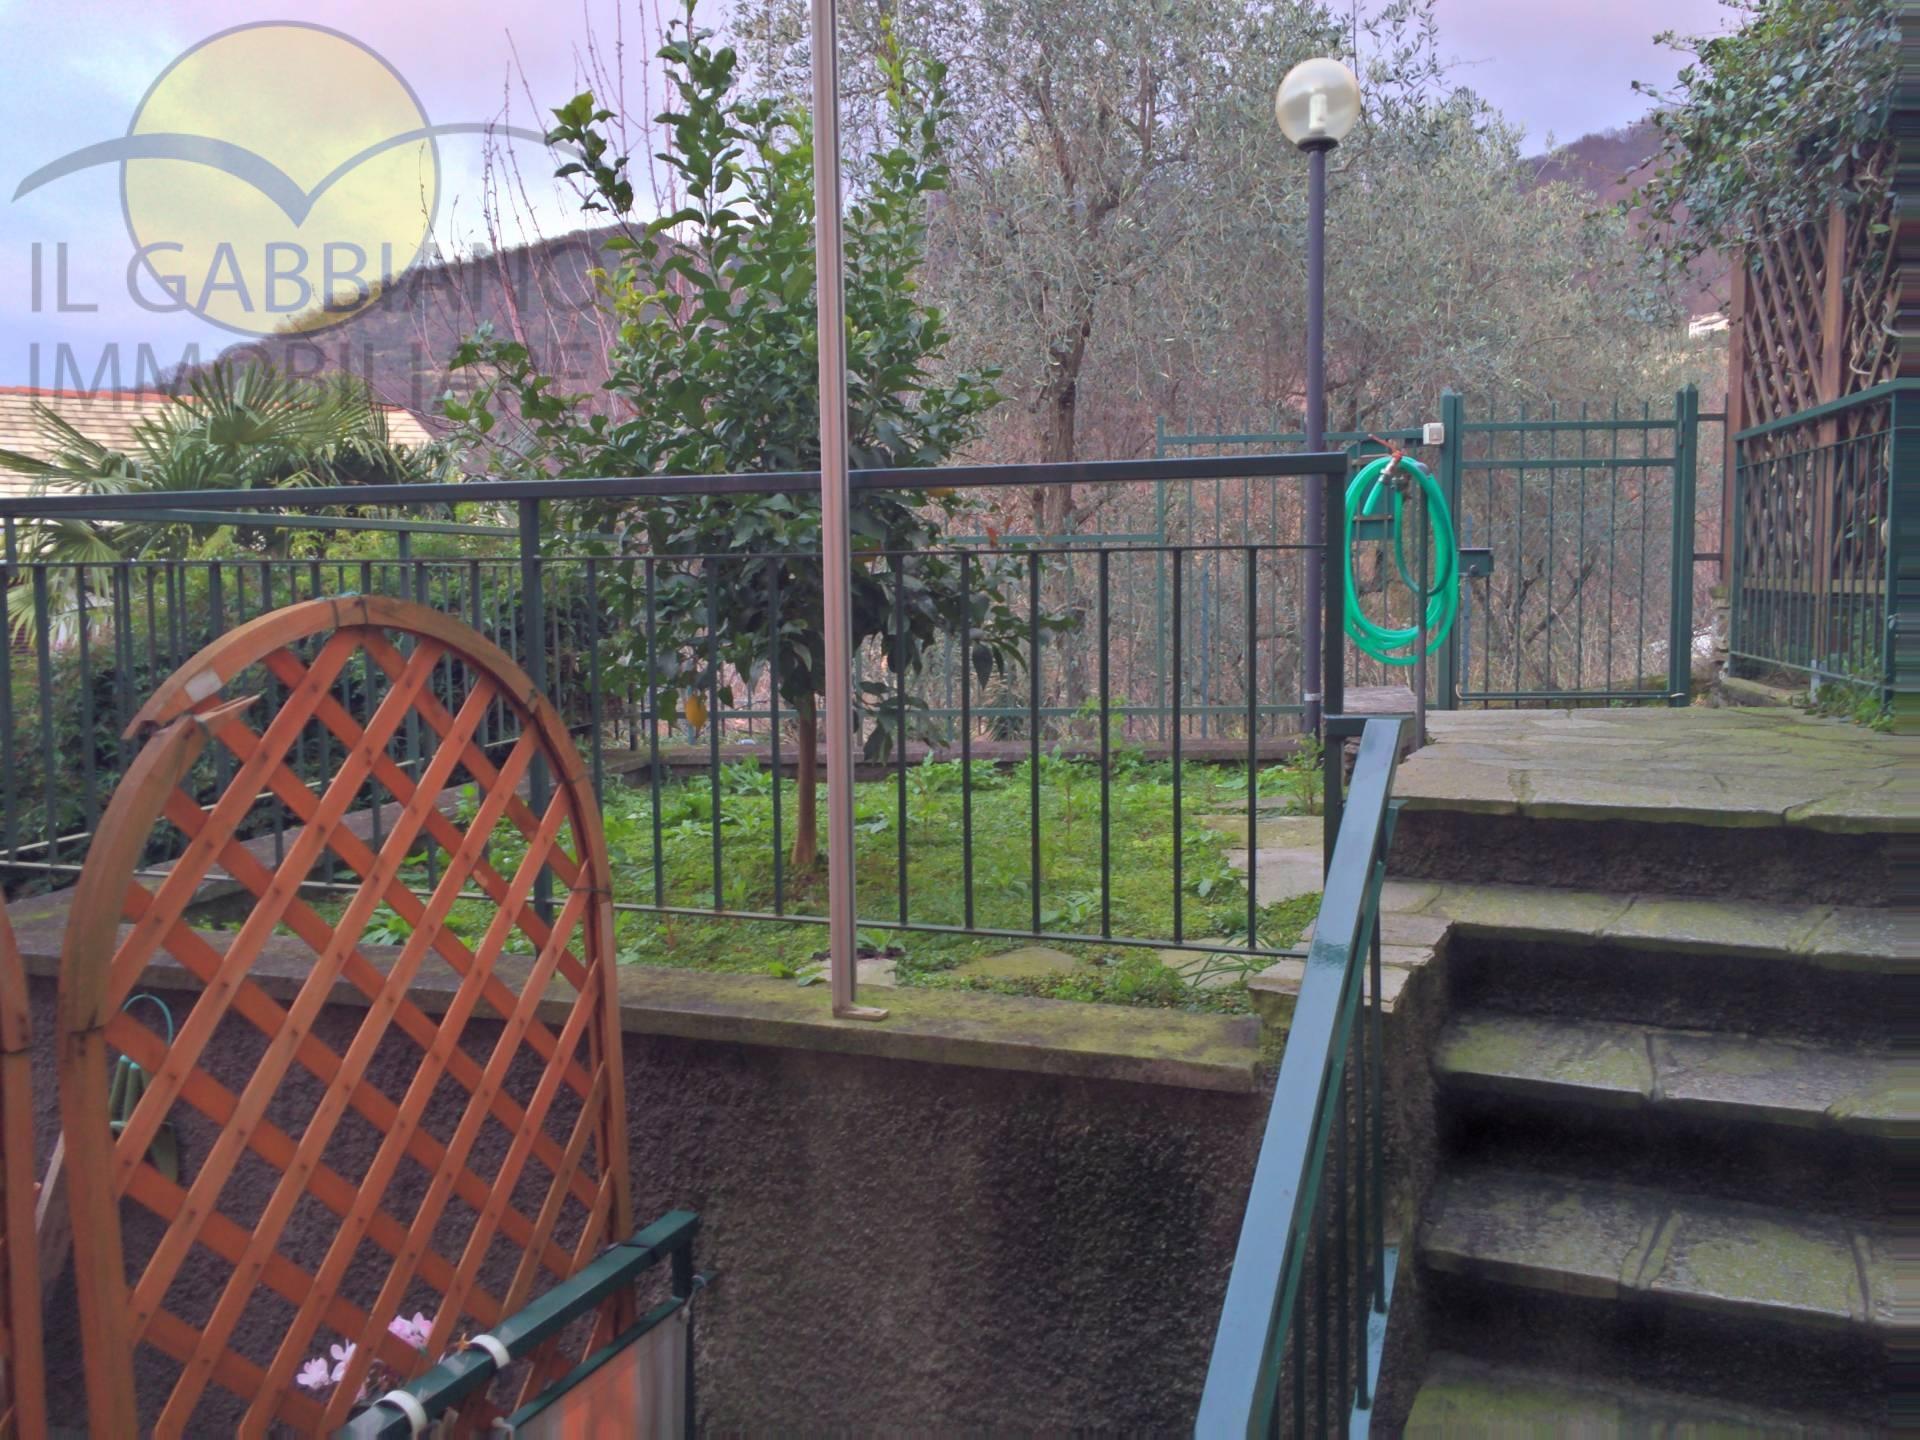 Appartamento in affitto a Avegno, 3 locali, zona Località: vexina, prezzo € 450 | CambioCasa.it